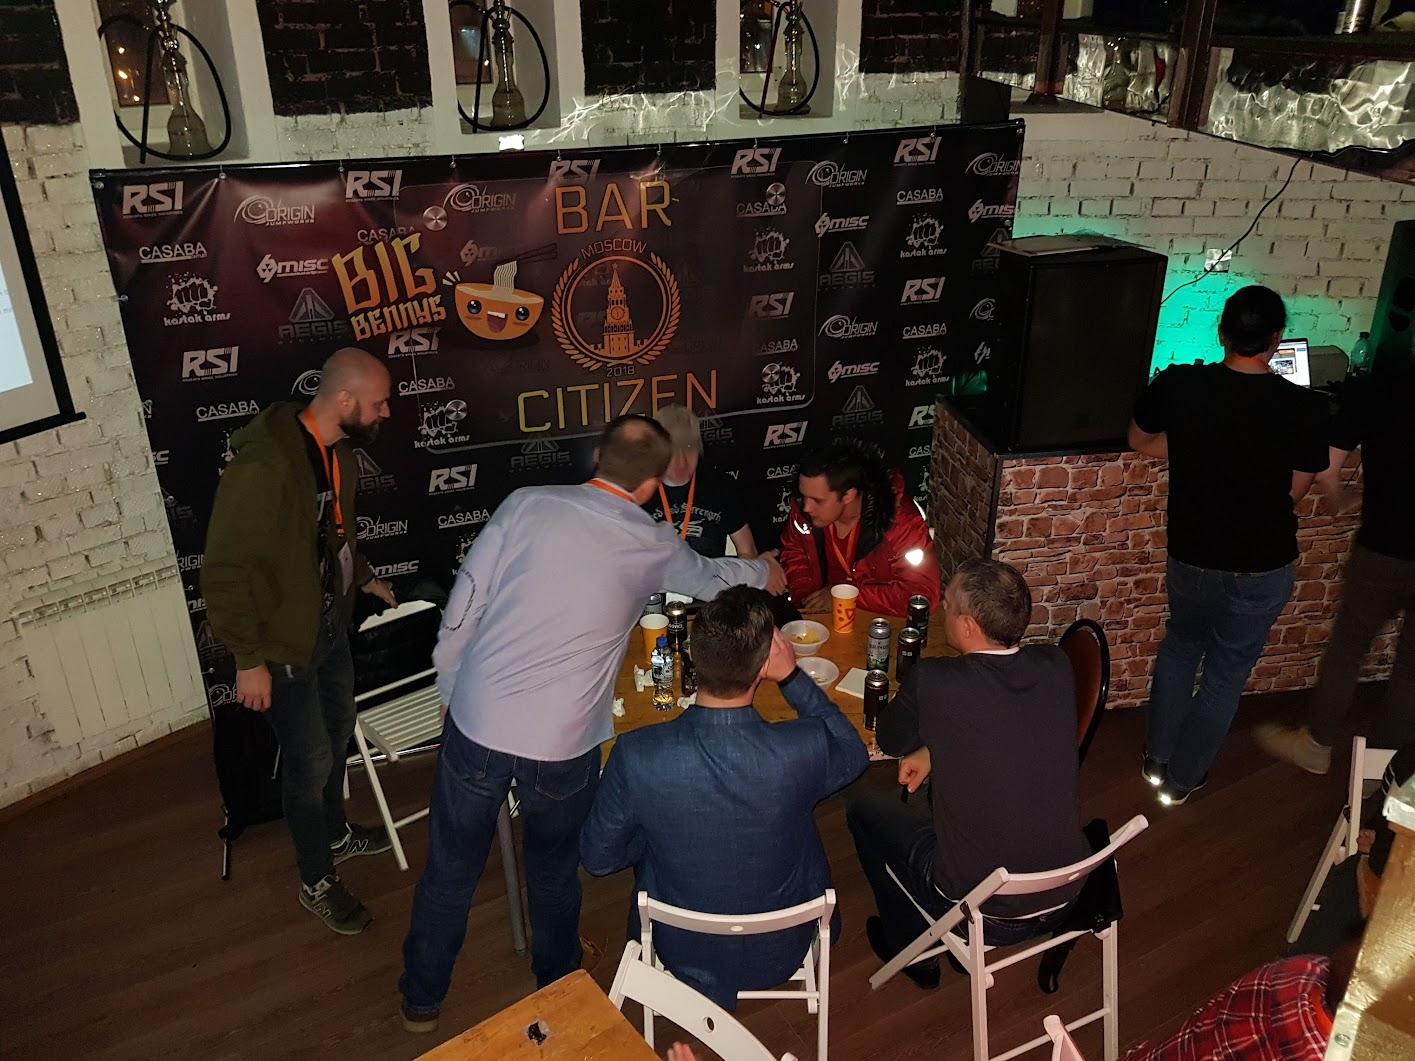 Отчет о Bar Citizen Moscow 2018